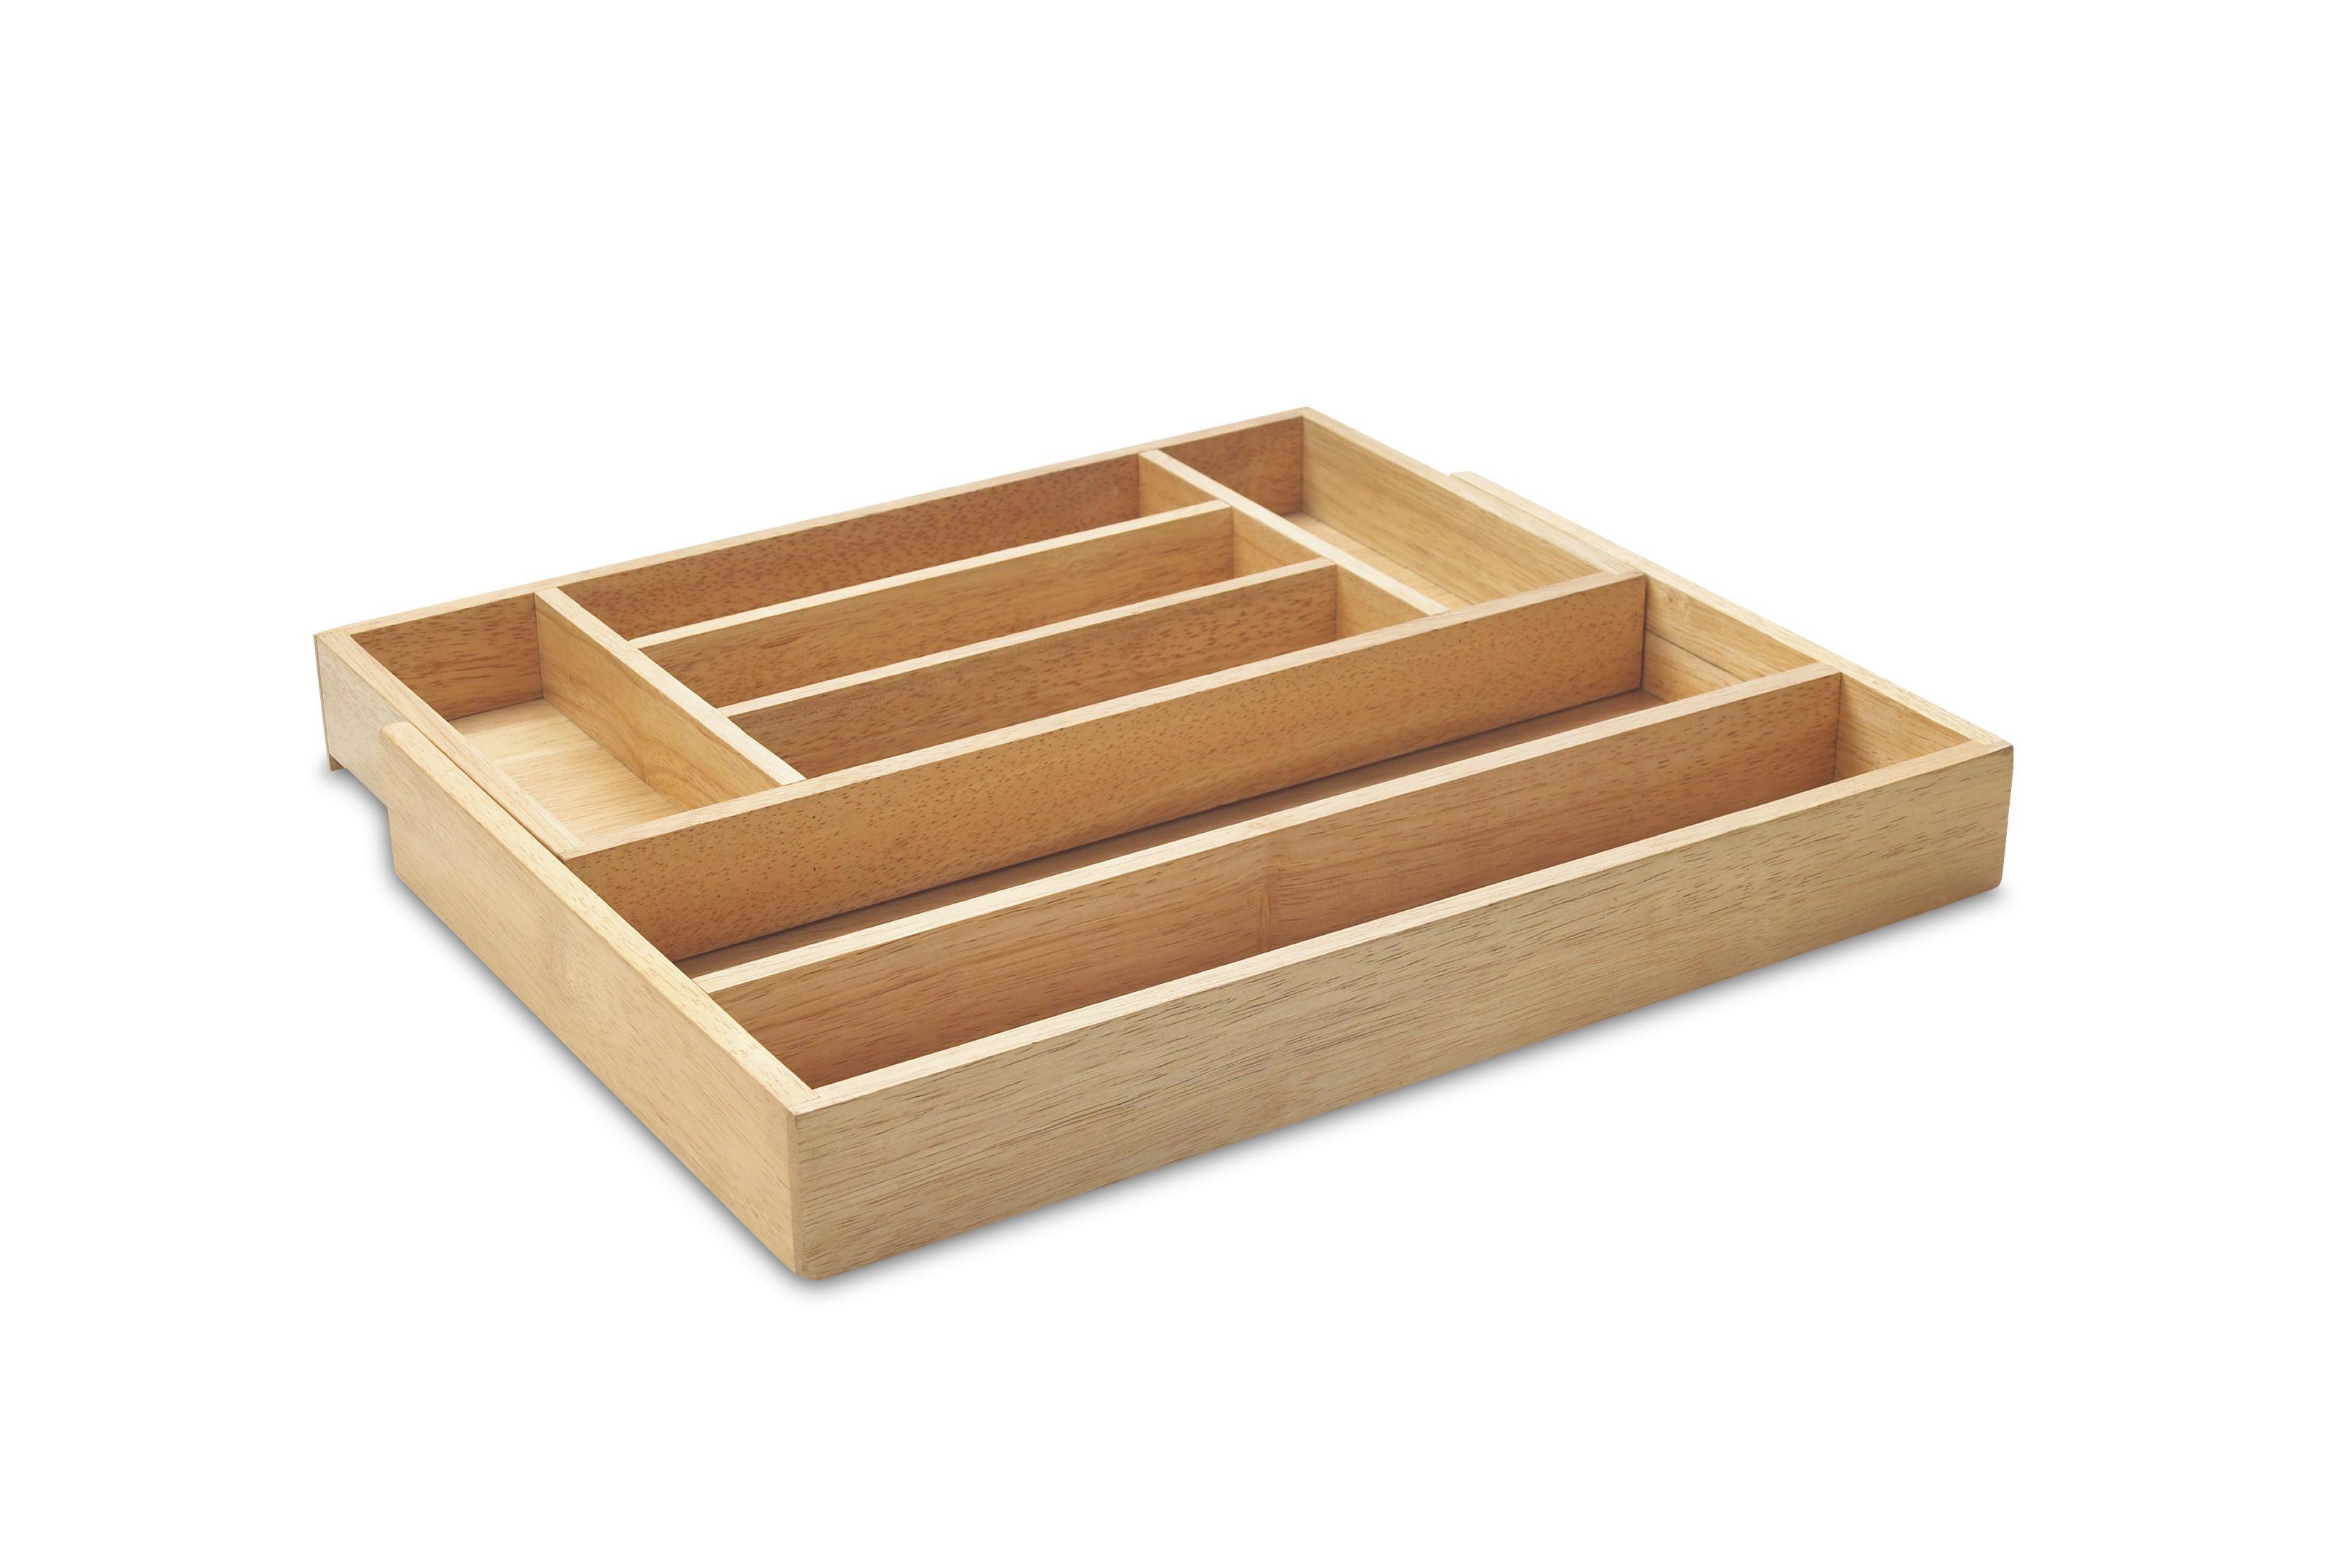 Besteckeinsatz aus Holz - Naturfarben, KONVENTIONELL, Holz (41/5/28cm) - MÖMAX modern living